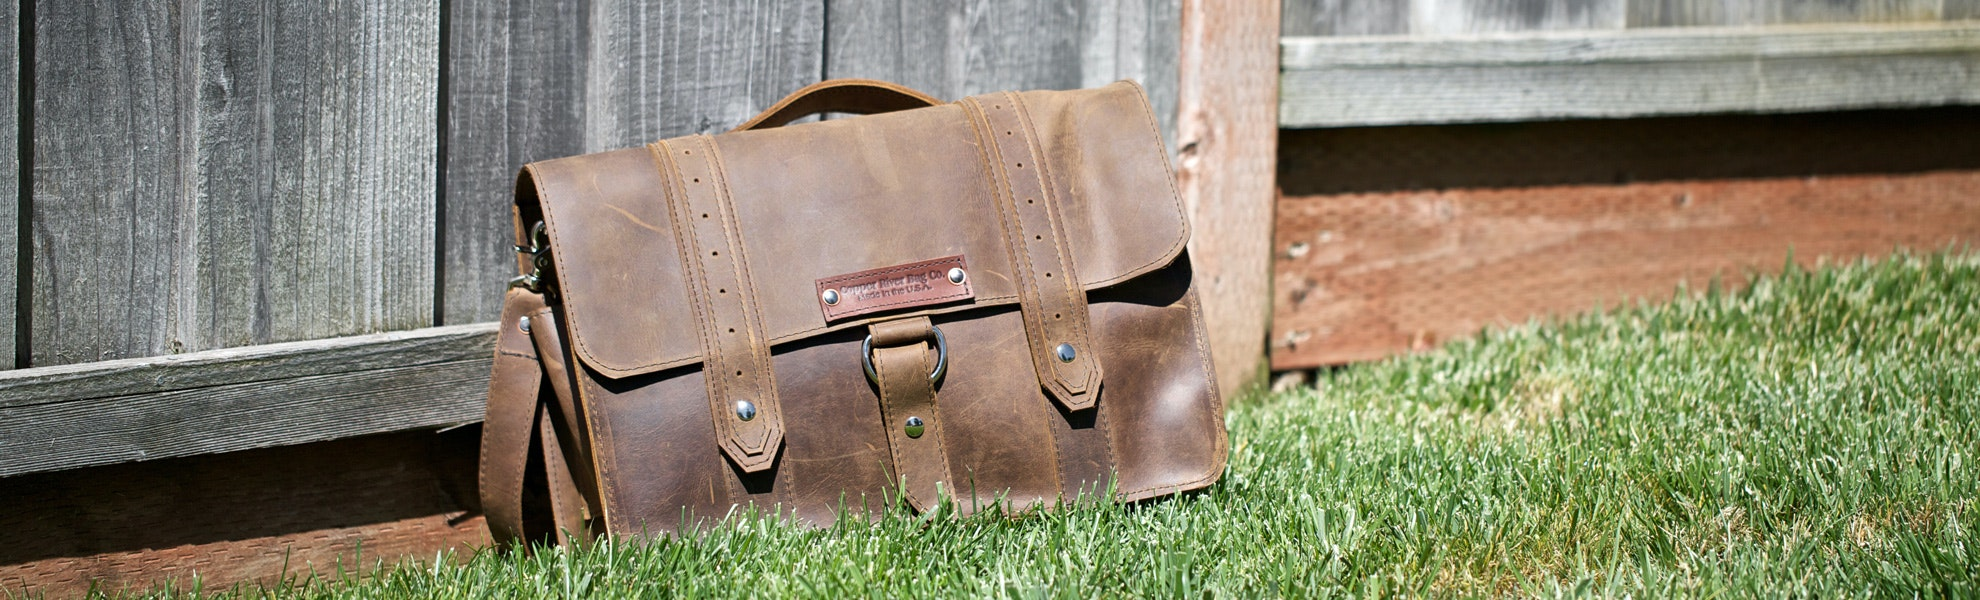 Copper River Voyager 15in Messenger Bag